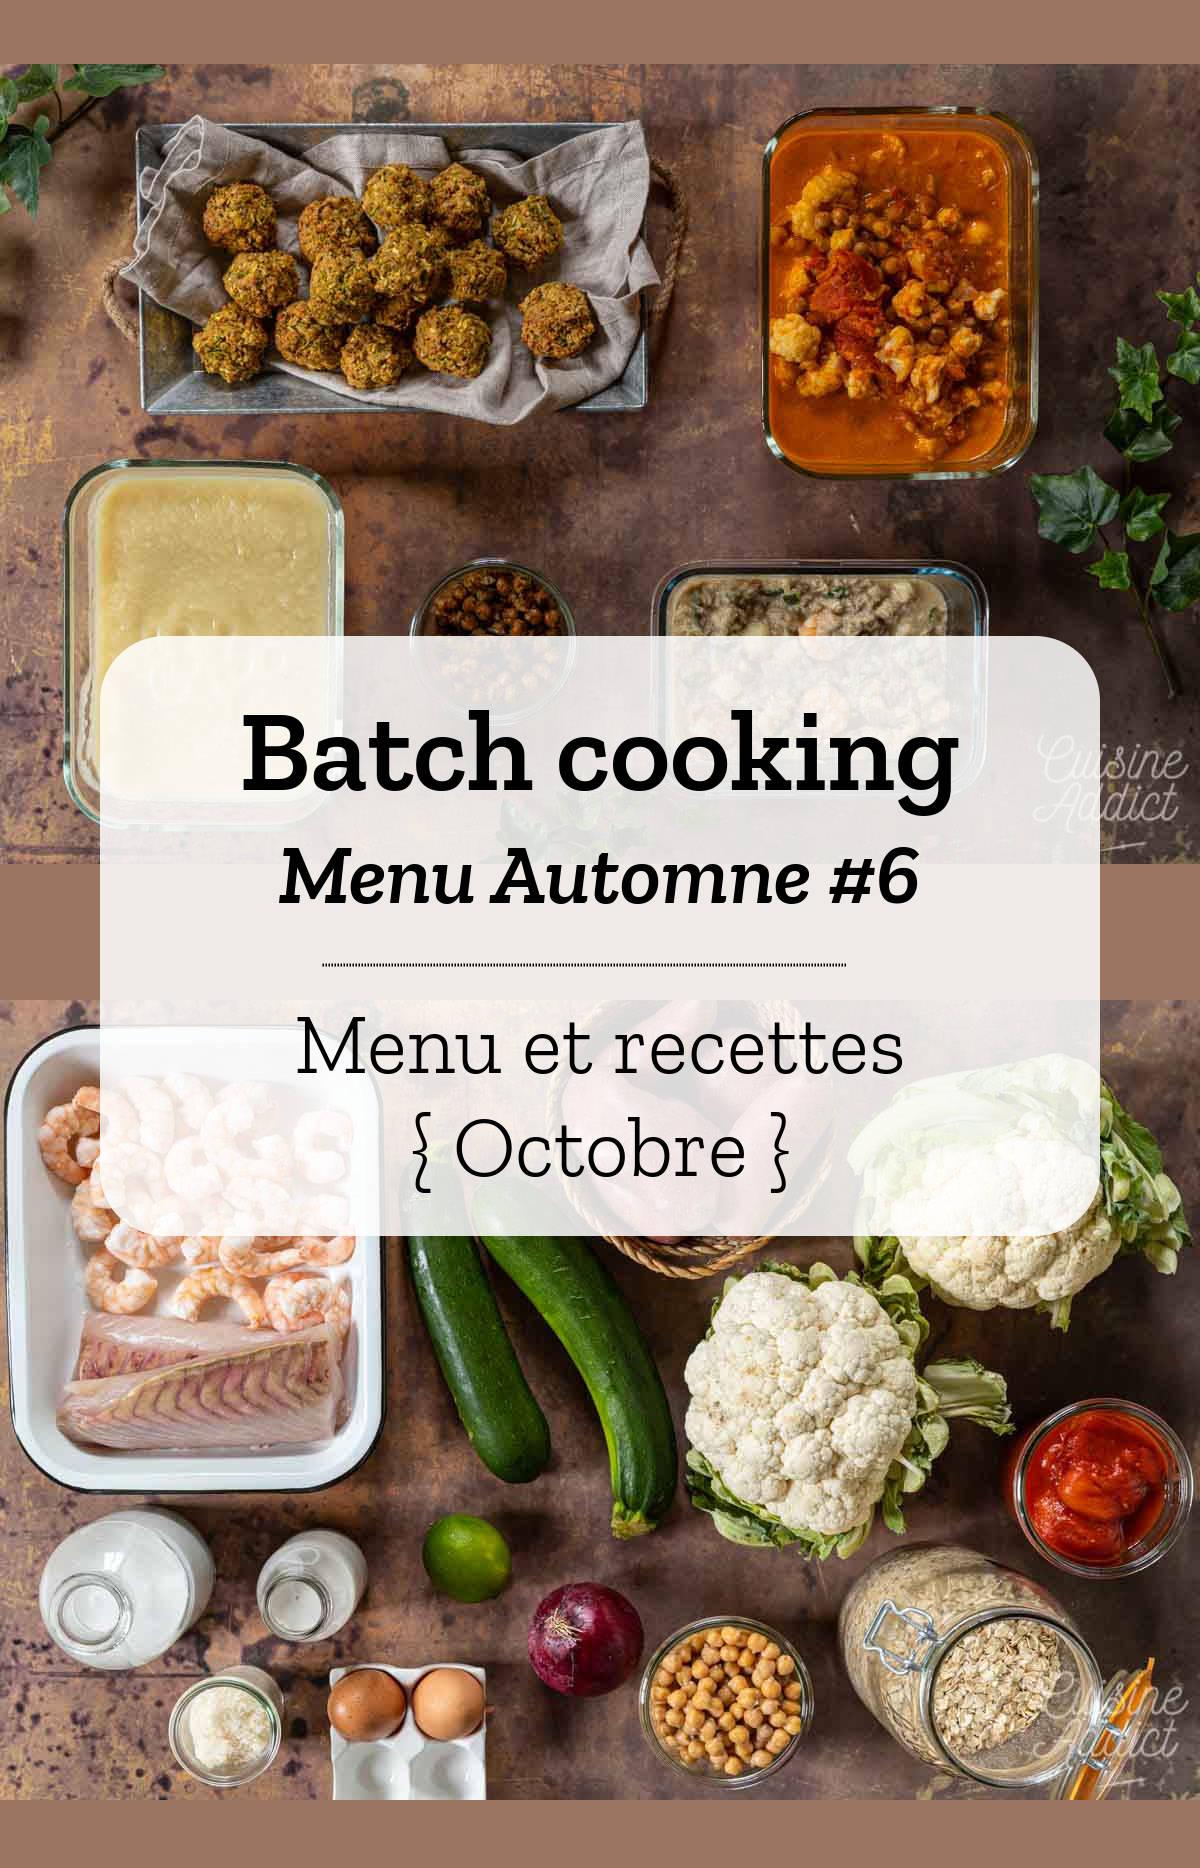 Batch cooking Automne #6 - Mois d\'Octobre 2020 - Semaine 44